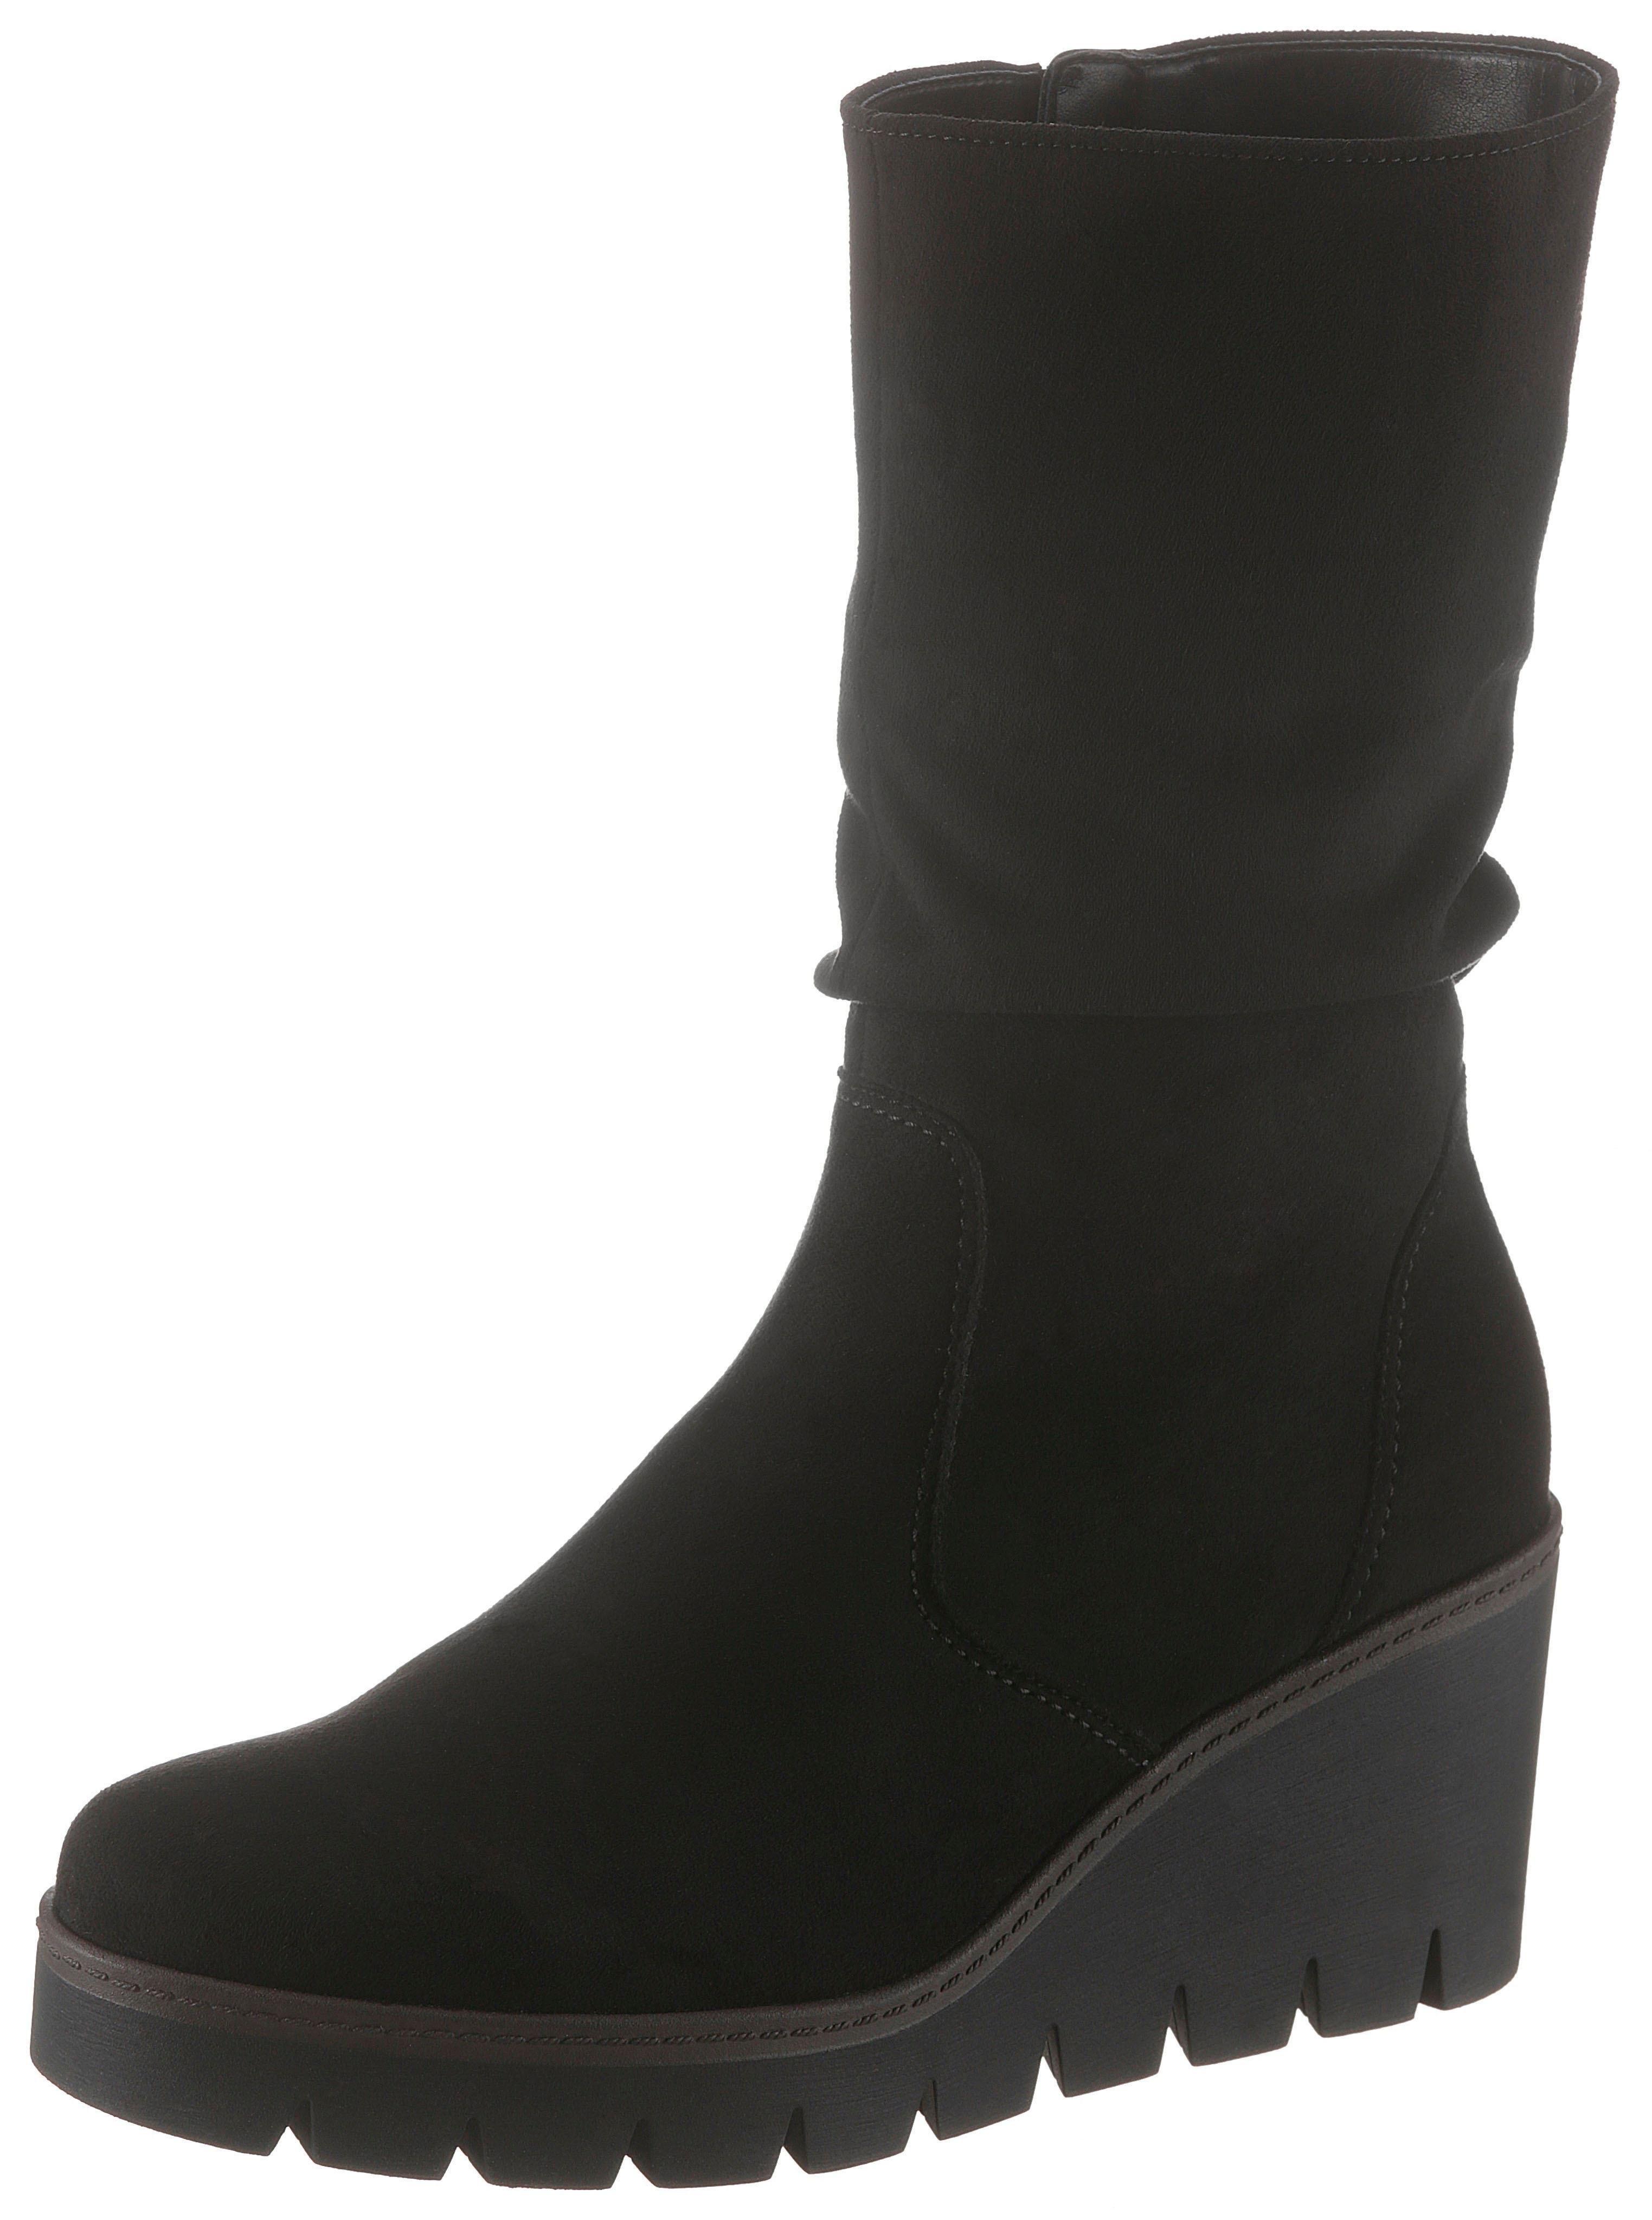 Gabor laarzen goedkoop op otto.nl kopen